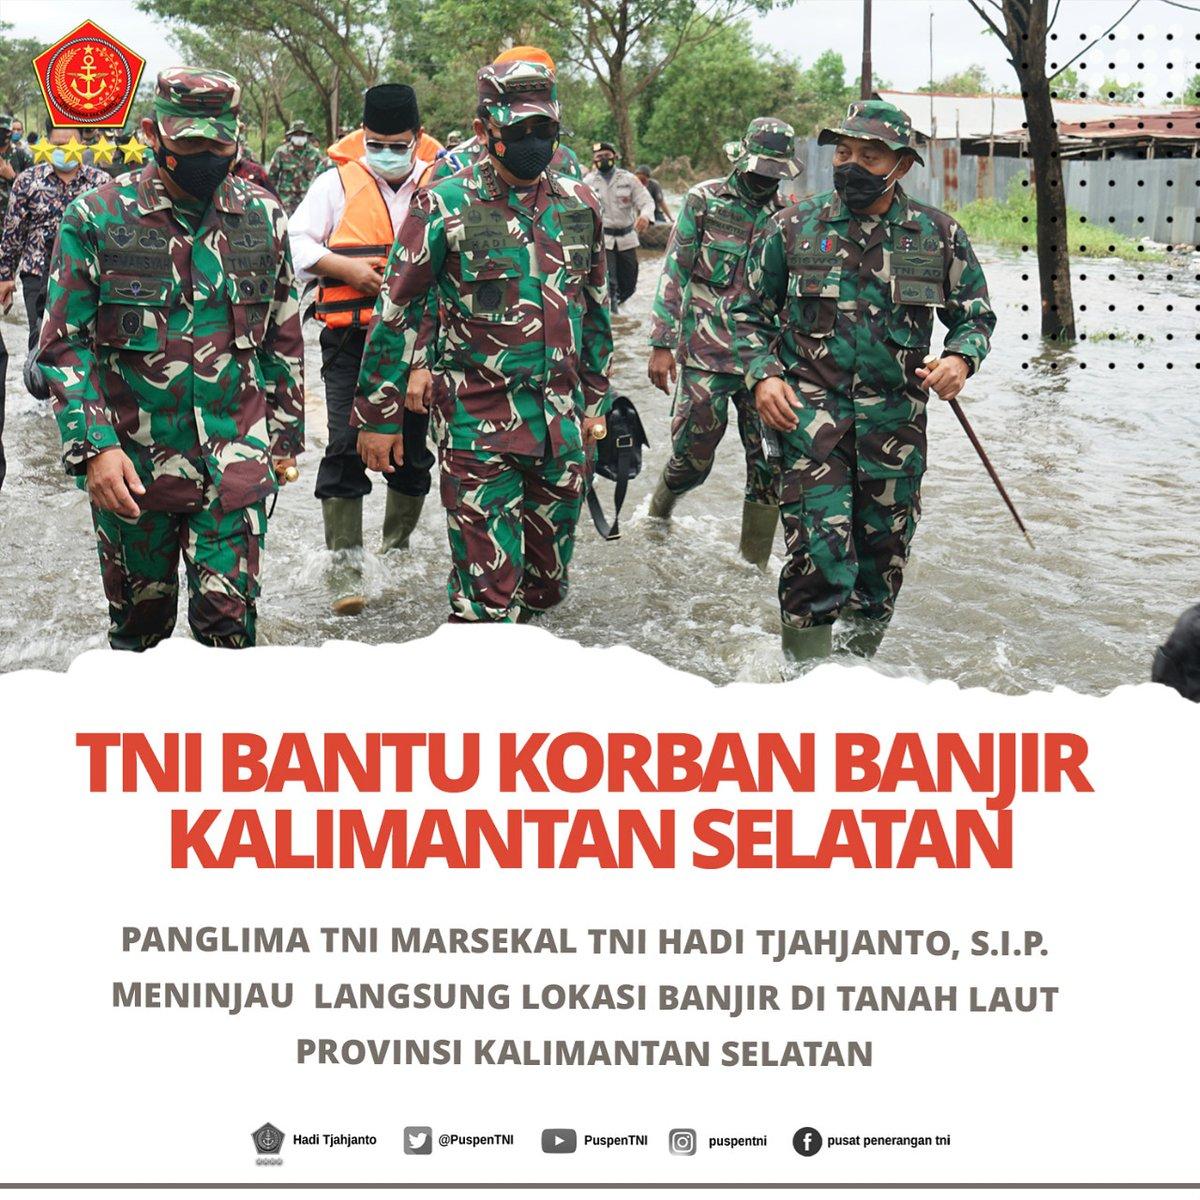 TNI bantu korban banjir di Kalimantan Selatan.   #tni #p5tni #tnipeduli #tniuntukrakyat #banjir #kalsel